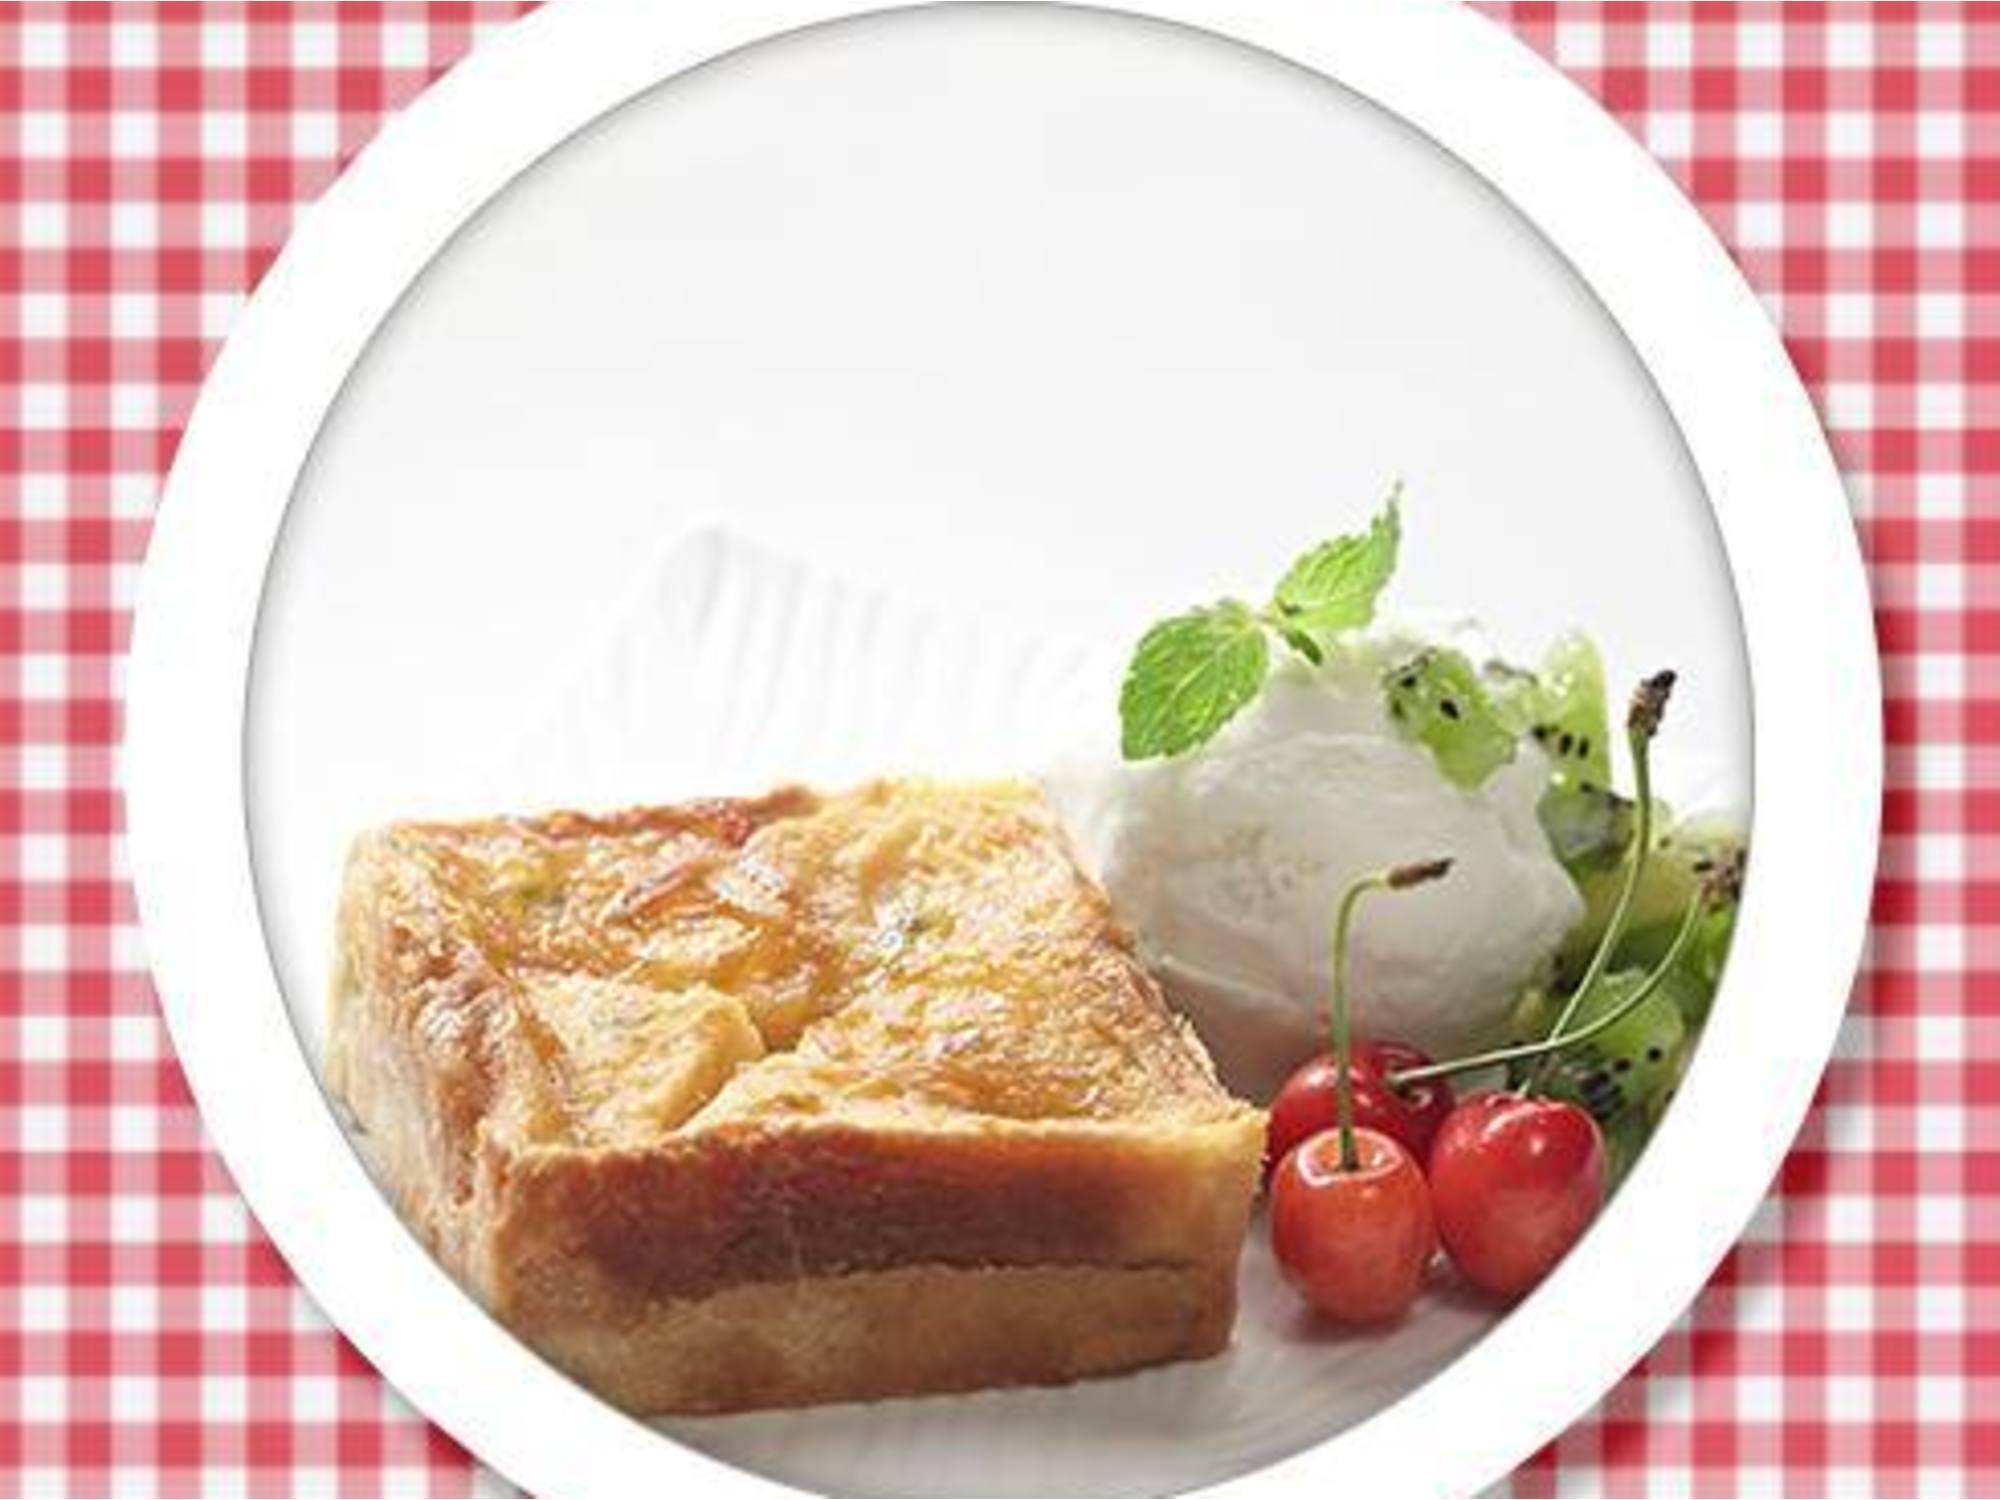 Recipe of Tutti Frutti Bread & Marmalade Pudding